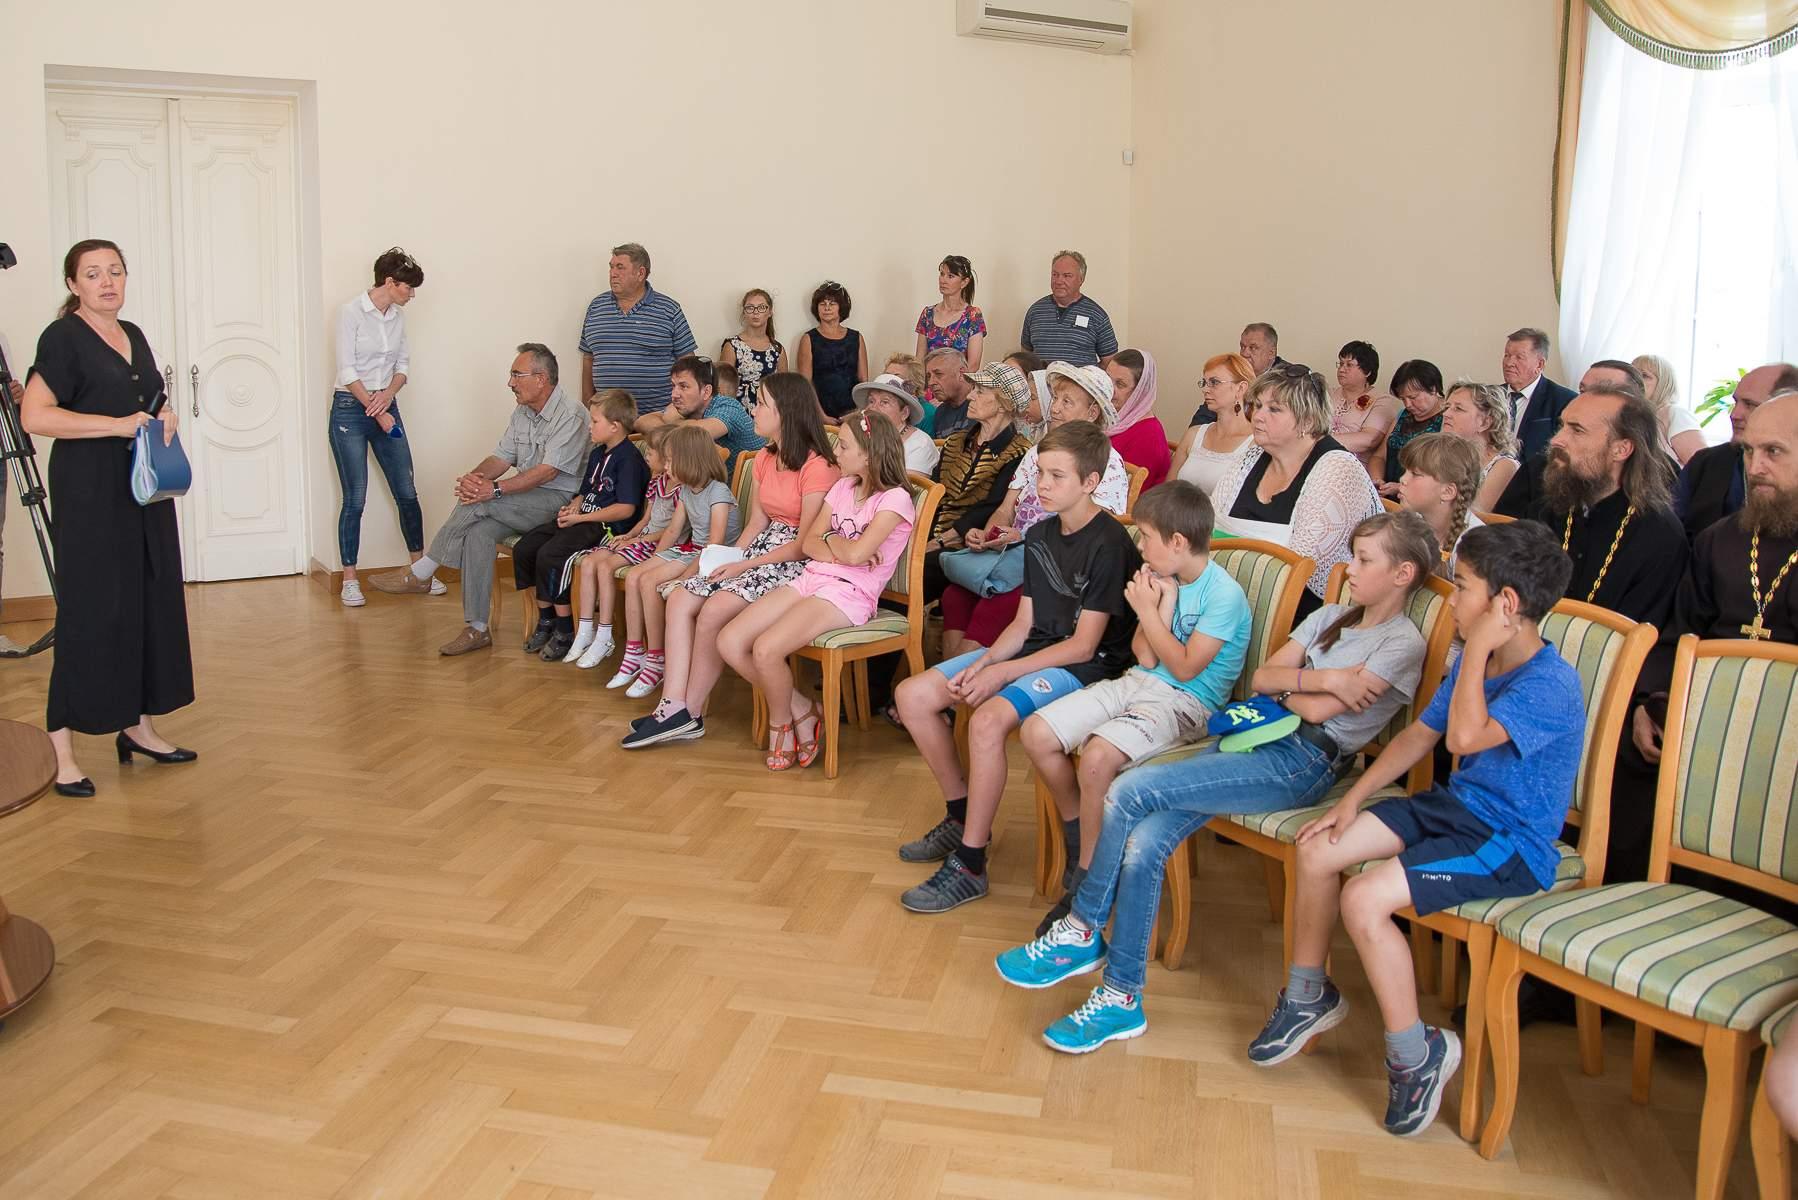 День памяти М.Ю. Лермонтова 27 июля 2019 года в музее «Тарханы». Конкурсы и лекции для детей проводит научный сотрудник Шубенина Елена